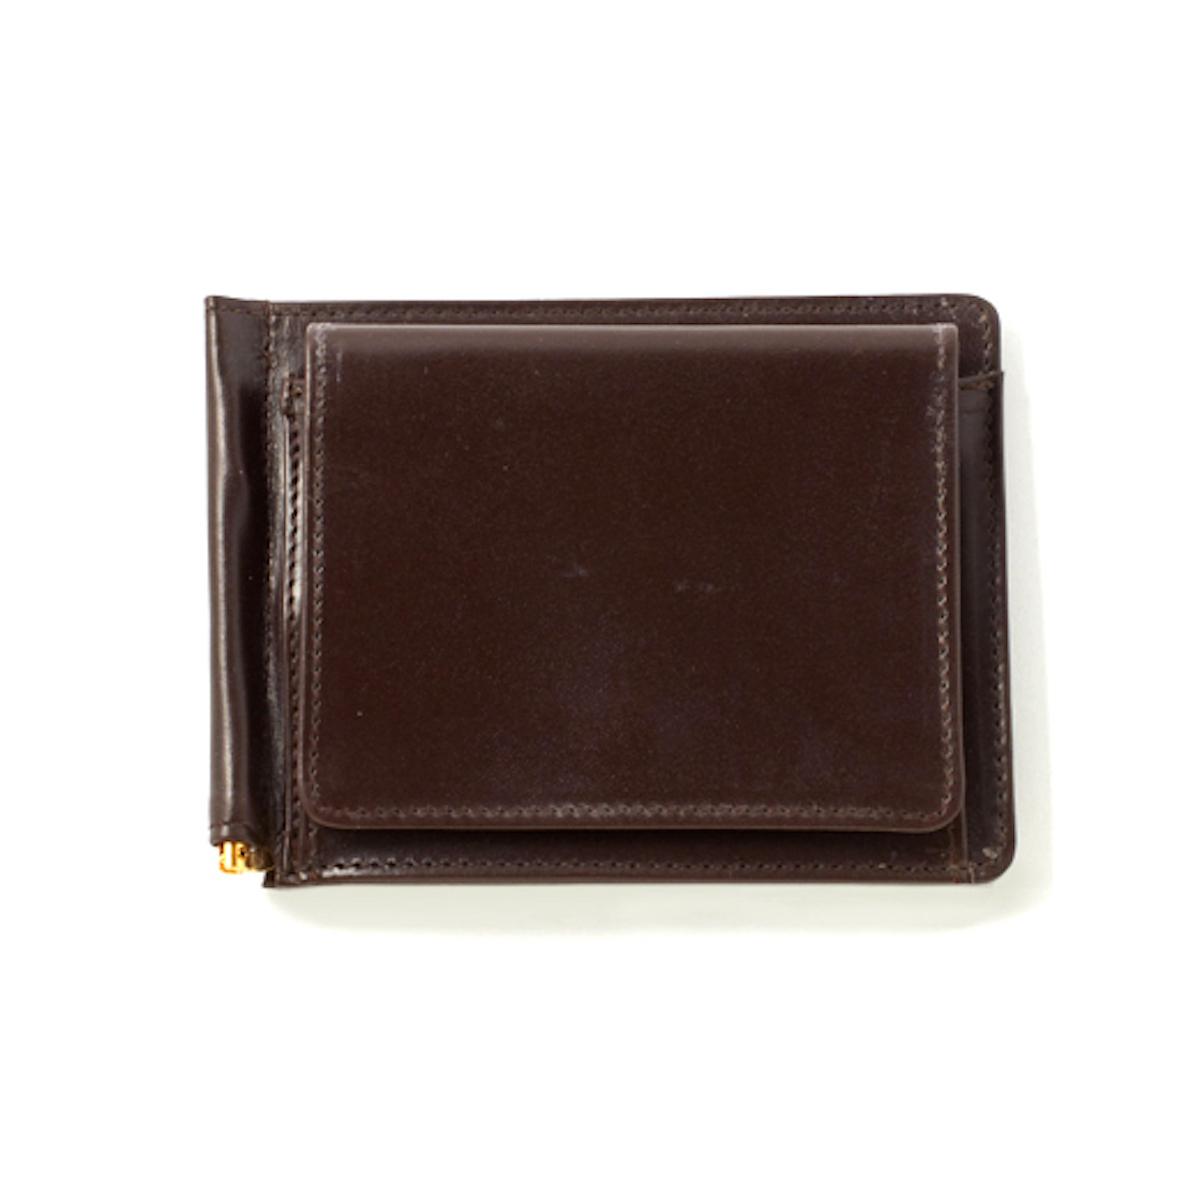 GLEN ROYAL / MONEY CLIP WITH COIN POCKET -CIGAR